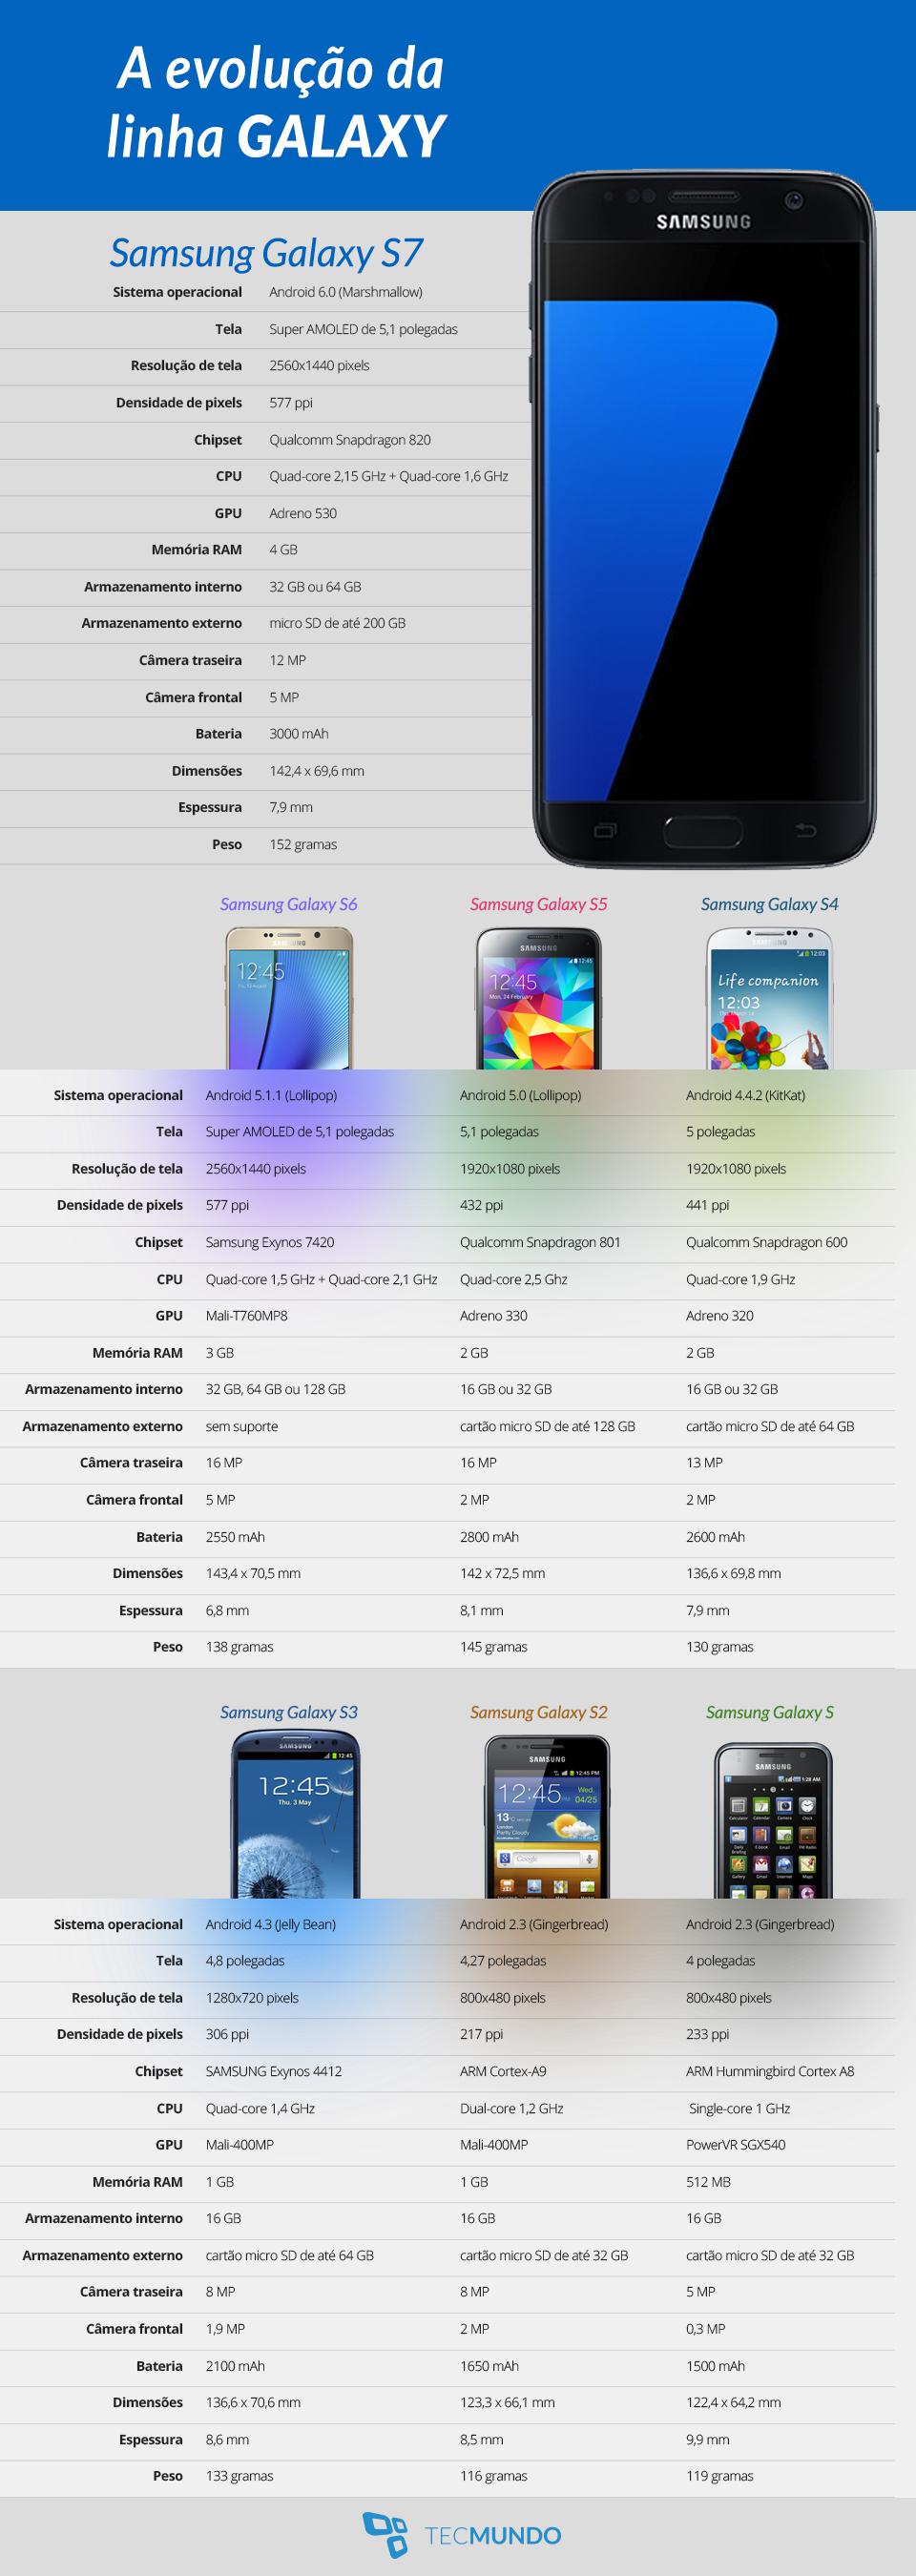 Galaxy S7: confira a evolução da principal linha de smartphones da Samsung